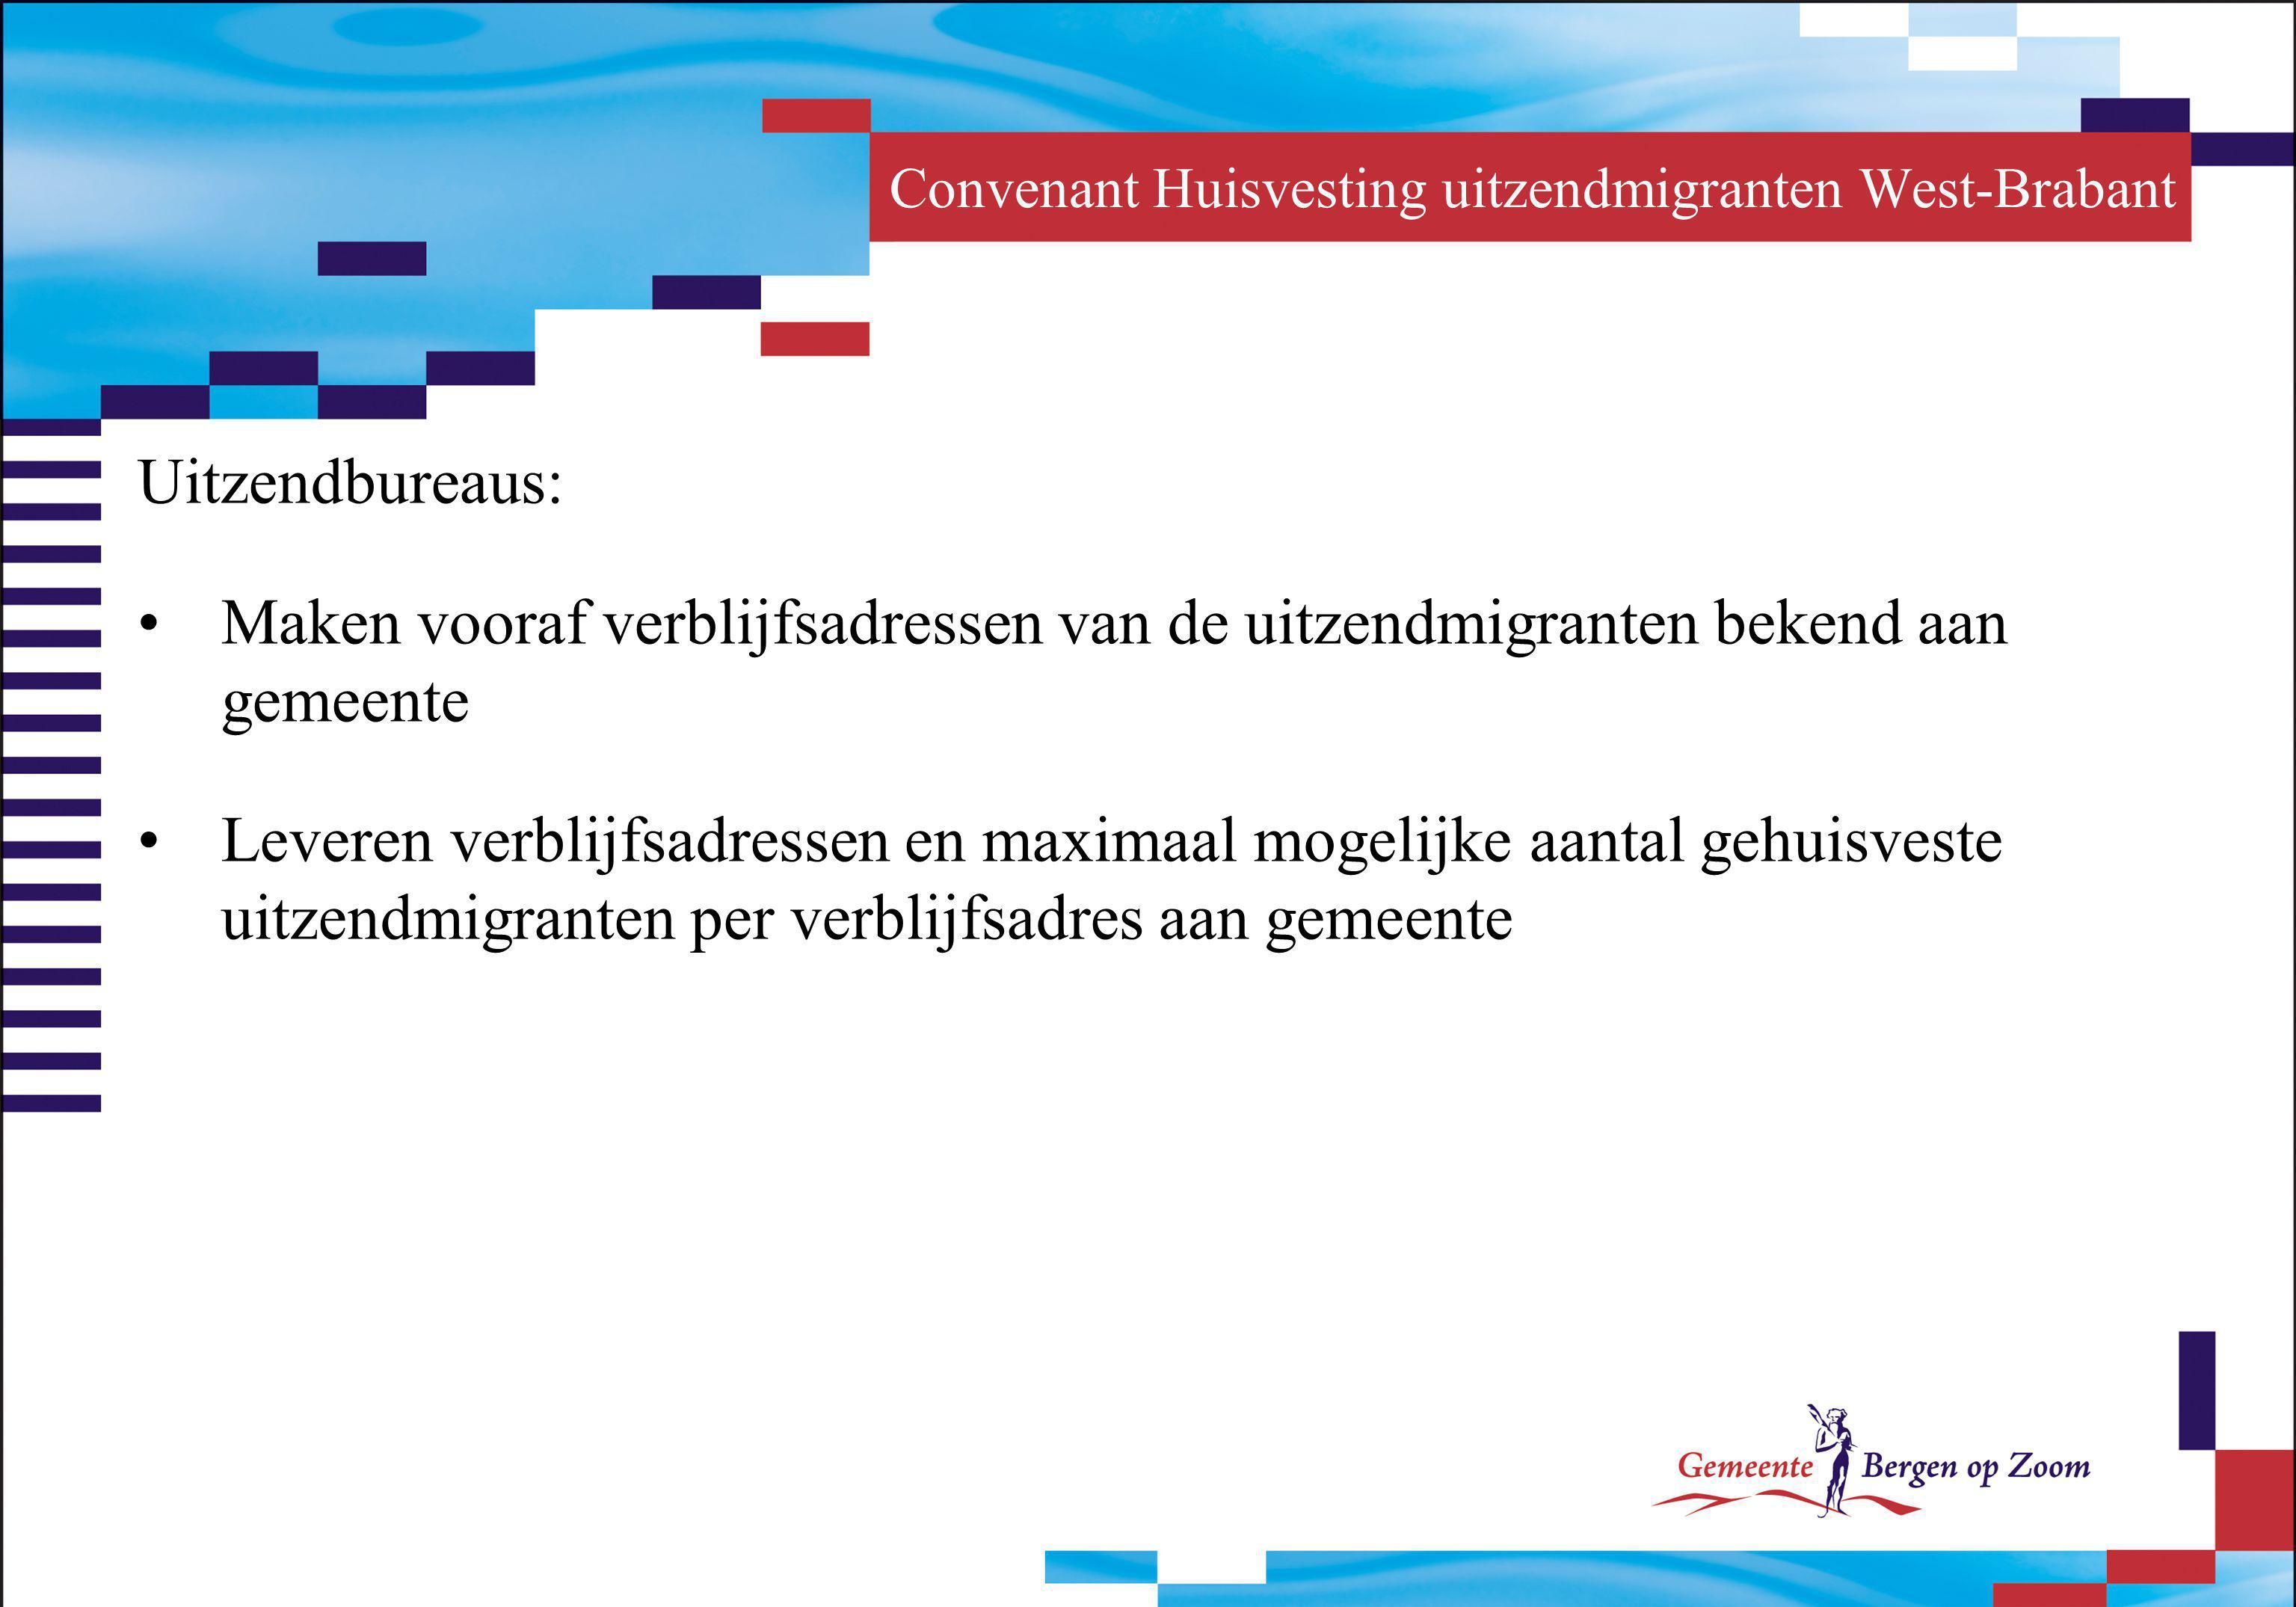 Convenant Huisvesting uitzendmigranten West-Brabant Uitzendbureaus: Maken vooraf verblijfsadressen van de uitzendmigranten bekend aan gemeente Leveren